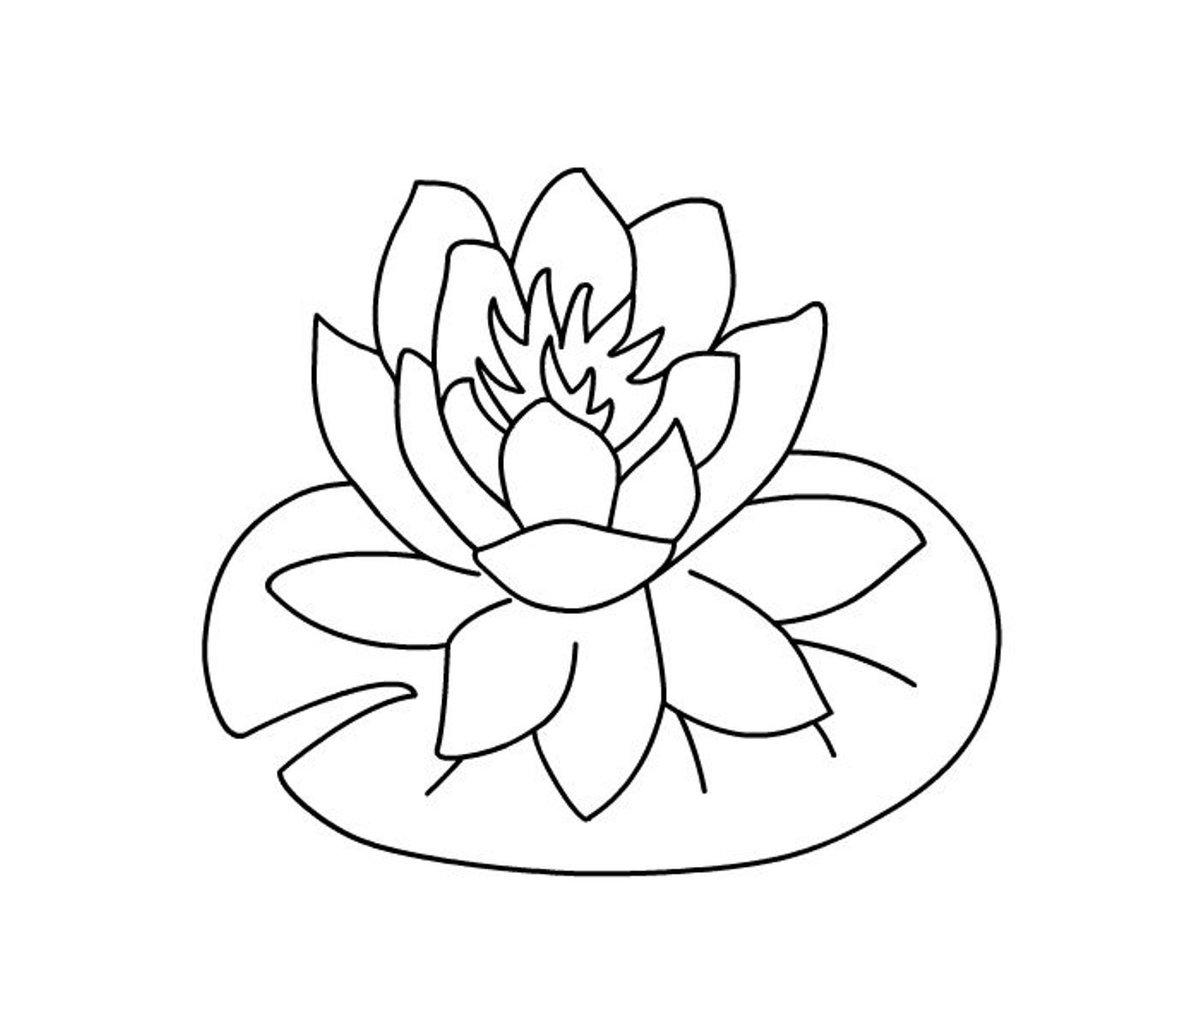 Картинка раскраска лотос